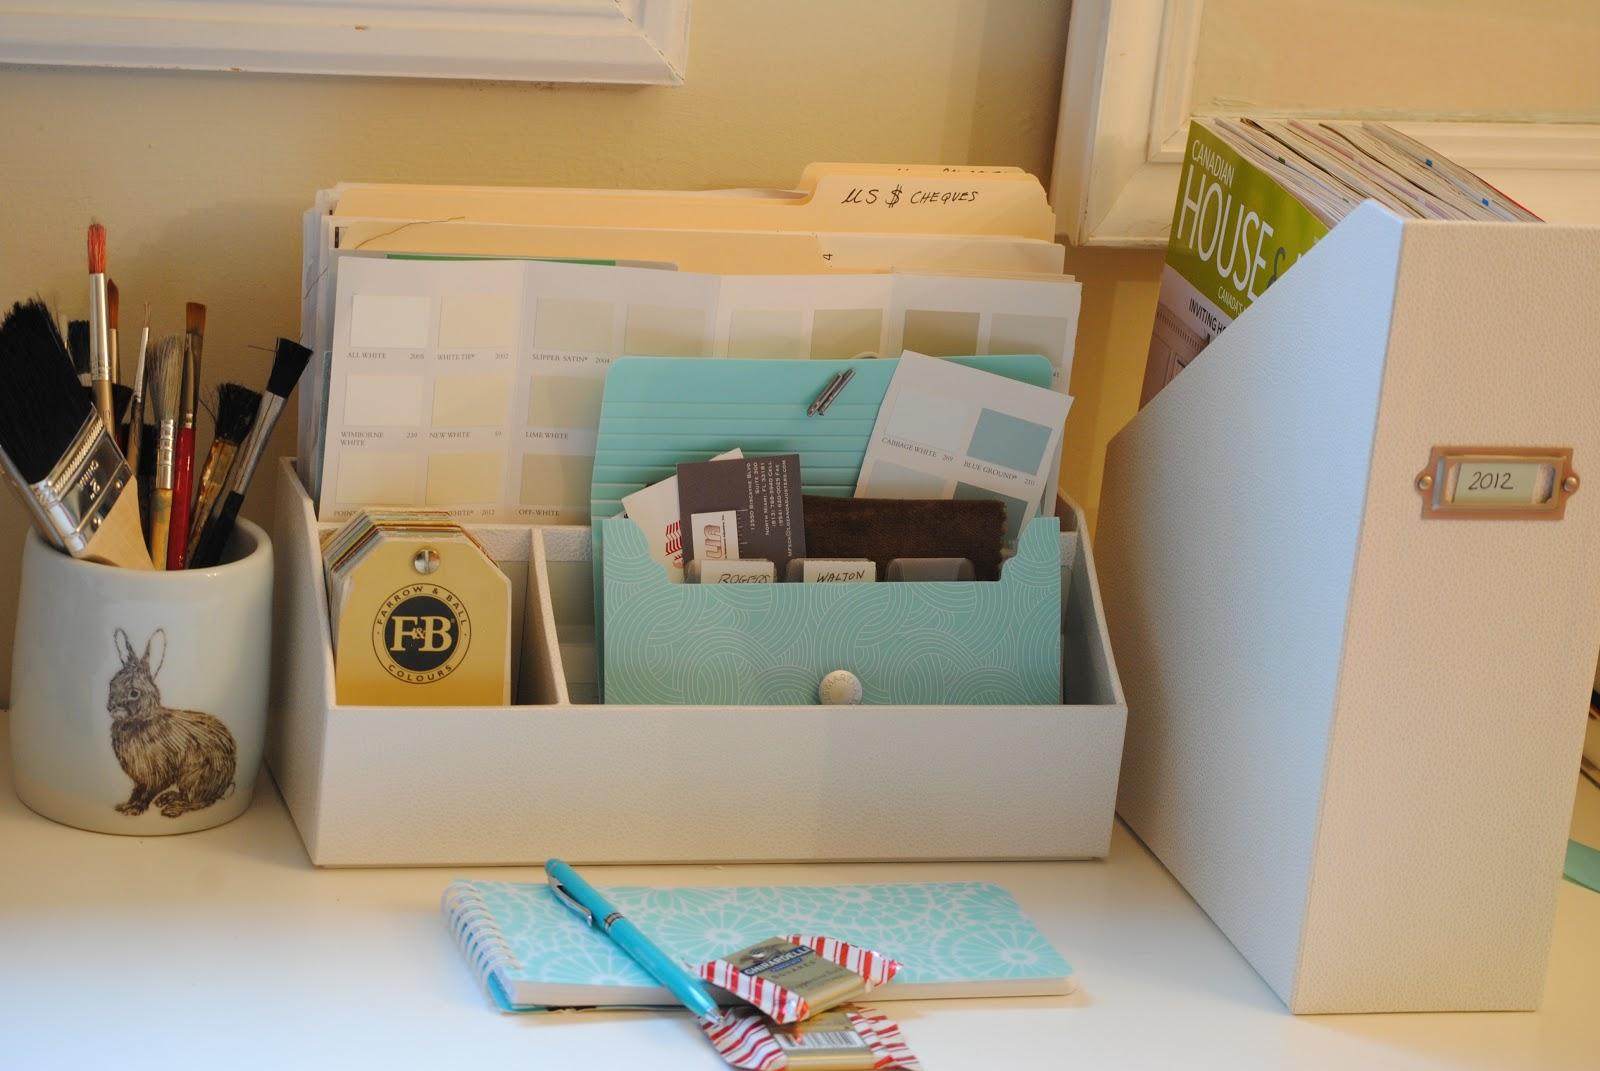 Razmataz martha stewart home office supplies - Martha stewart desk organizers ...